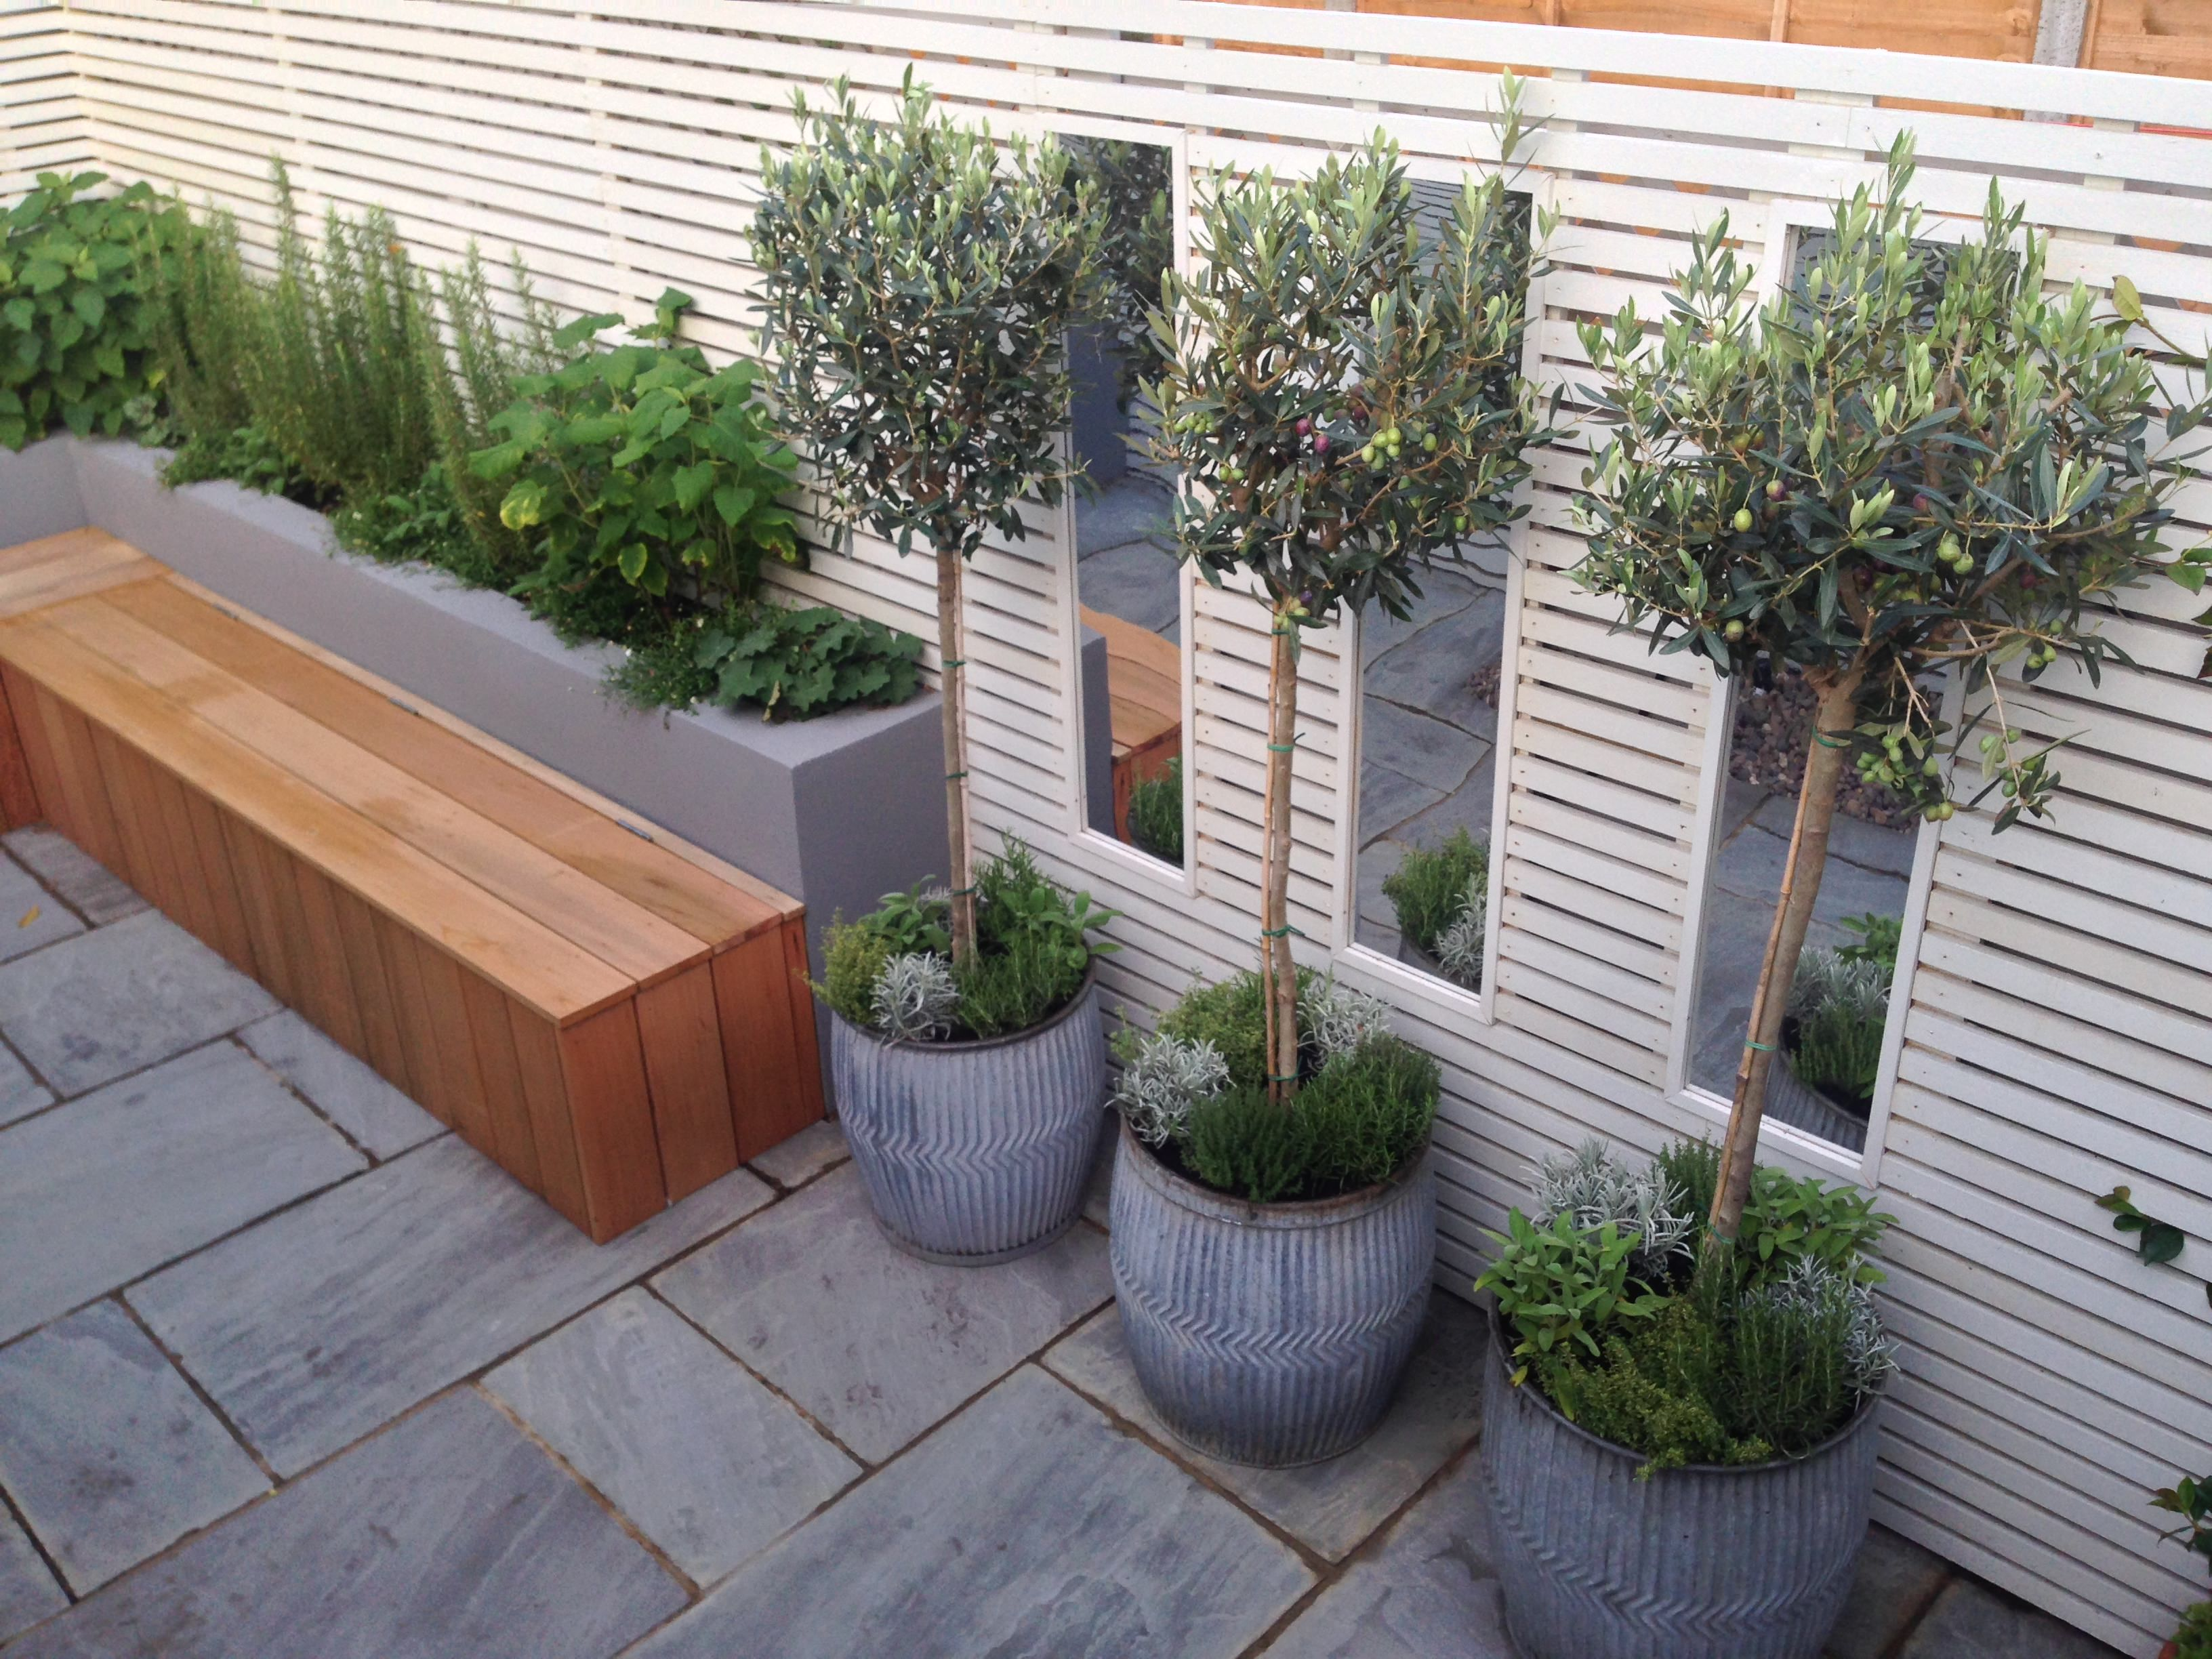 Contemporary Urban Small Garden South London Bench 640 x 480